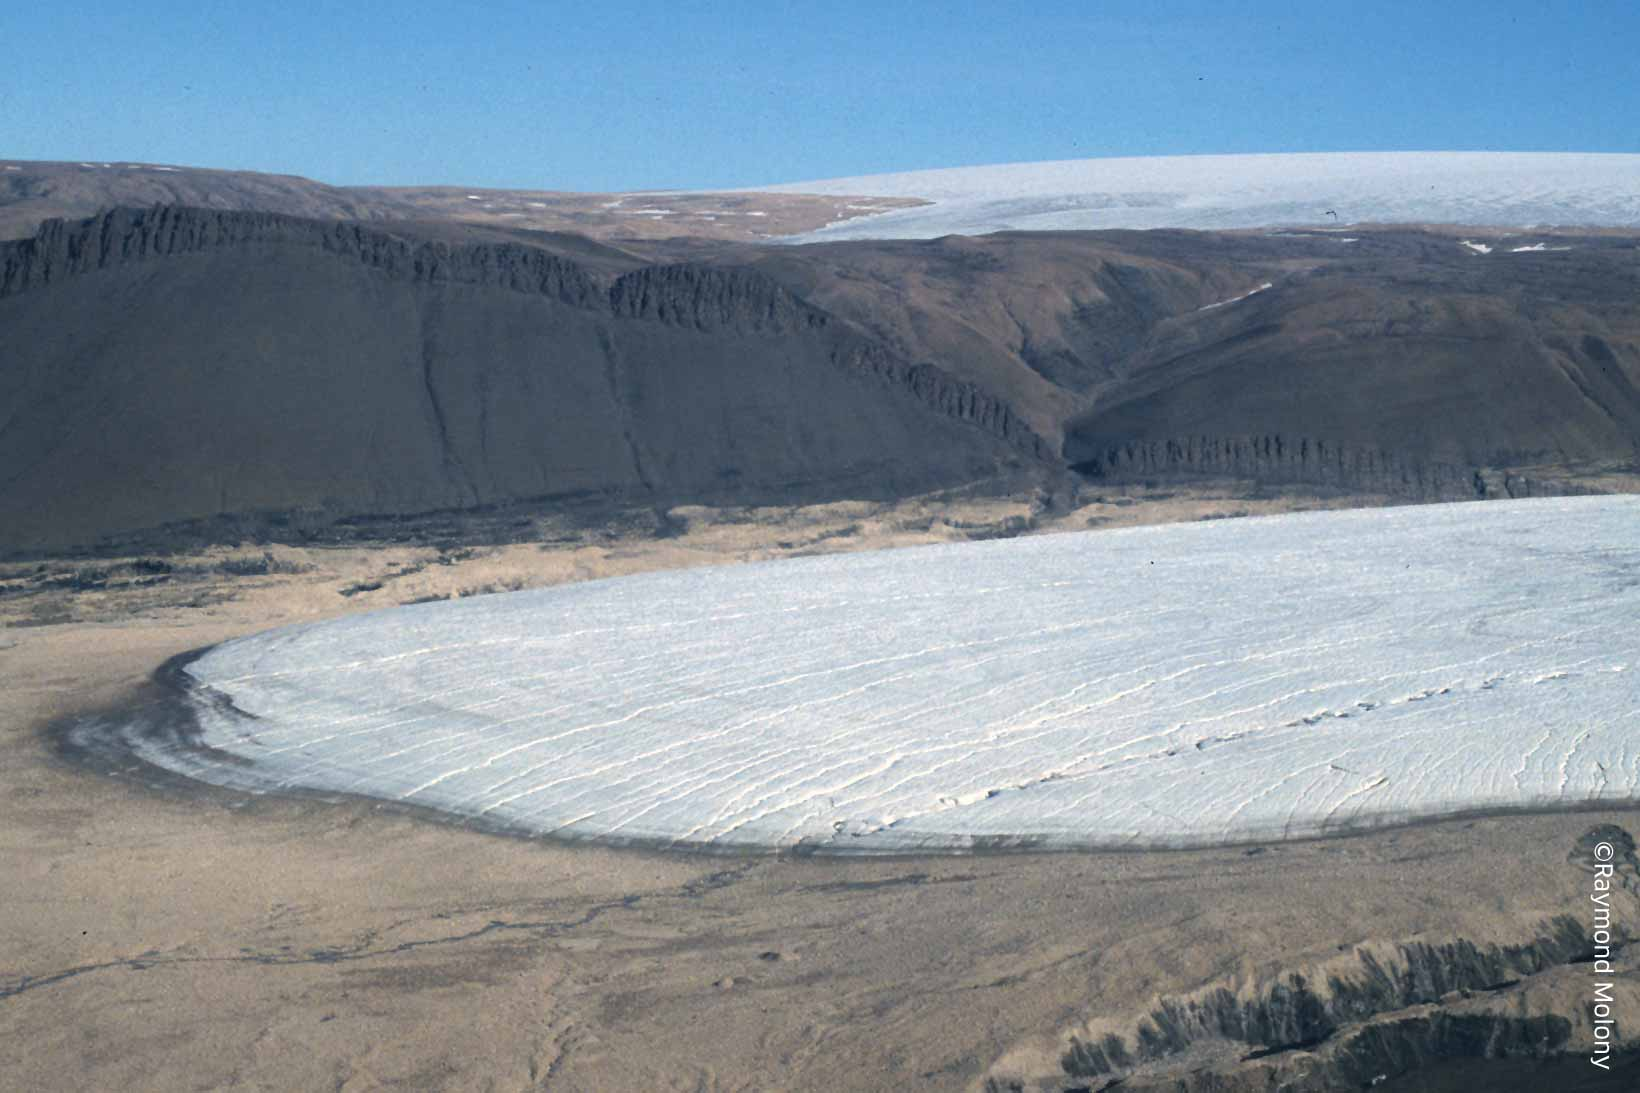 Qaanaaq glacier